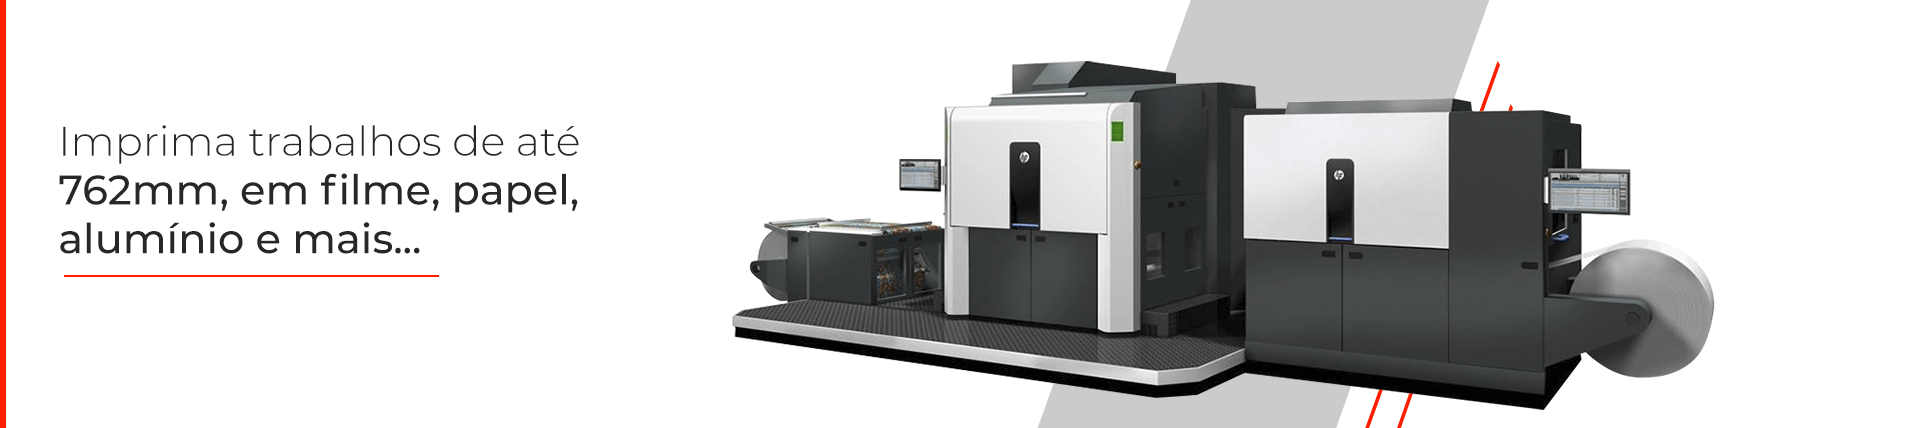 Impressora HP Indigo 20000 para etiquetas, rótulos e embalagens